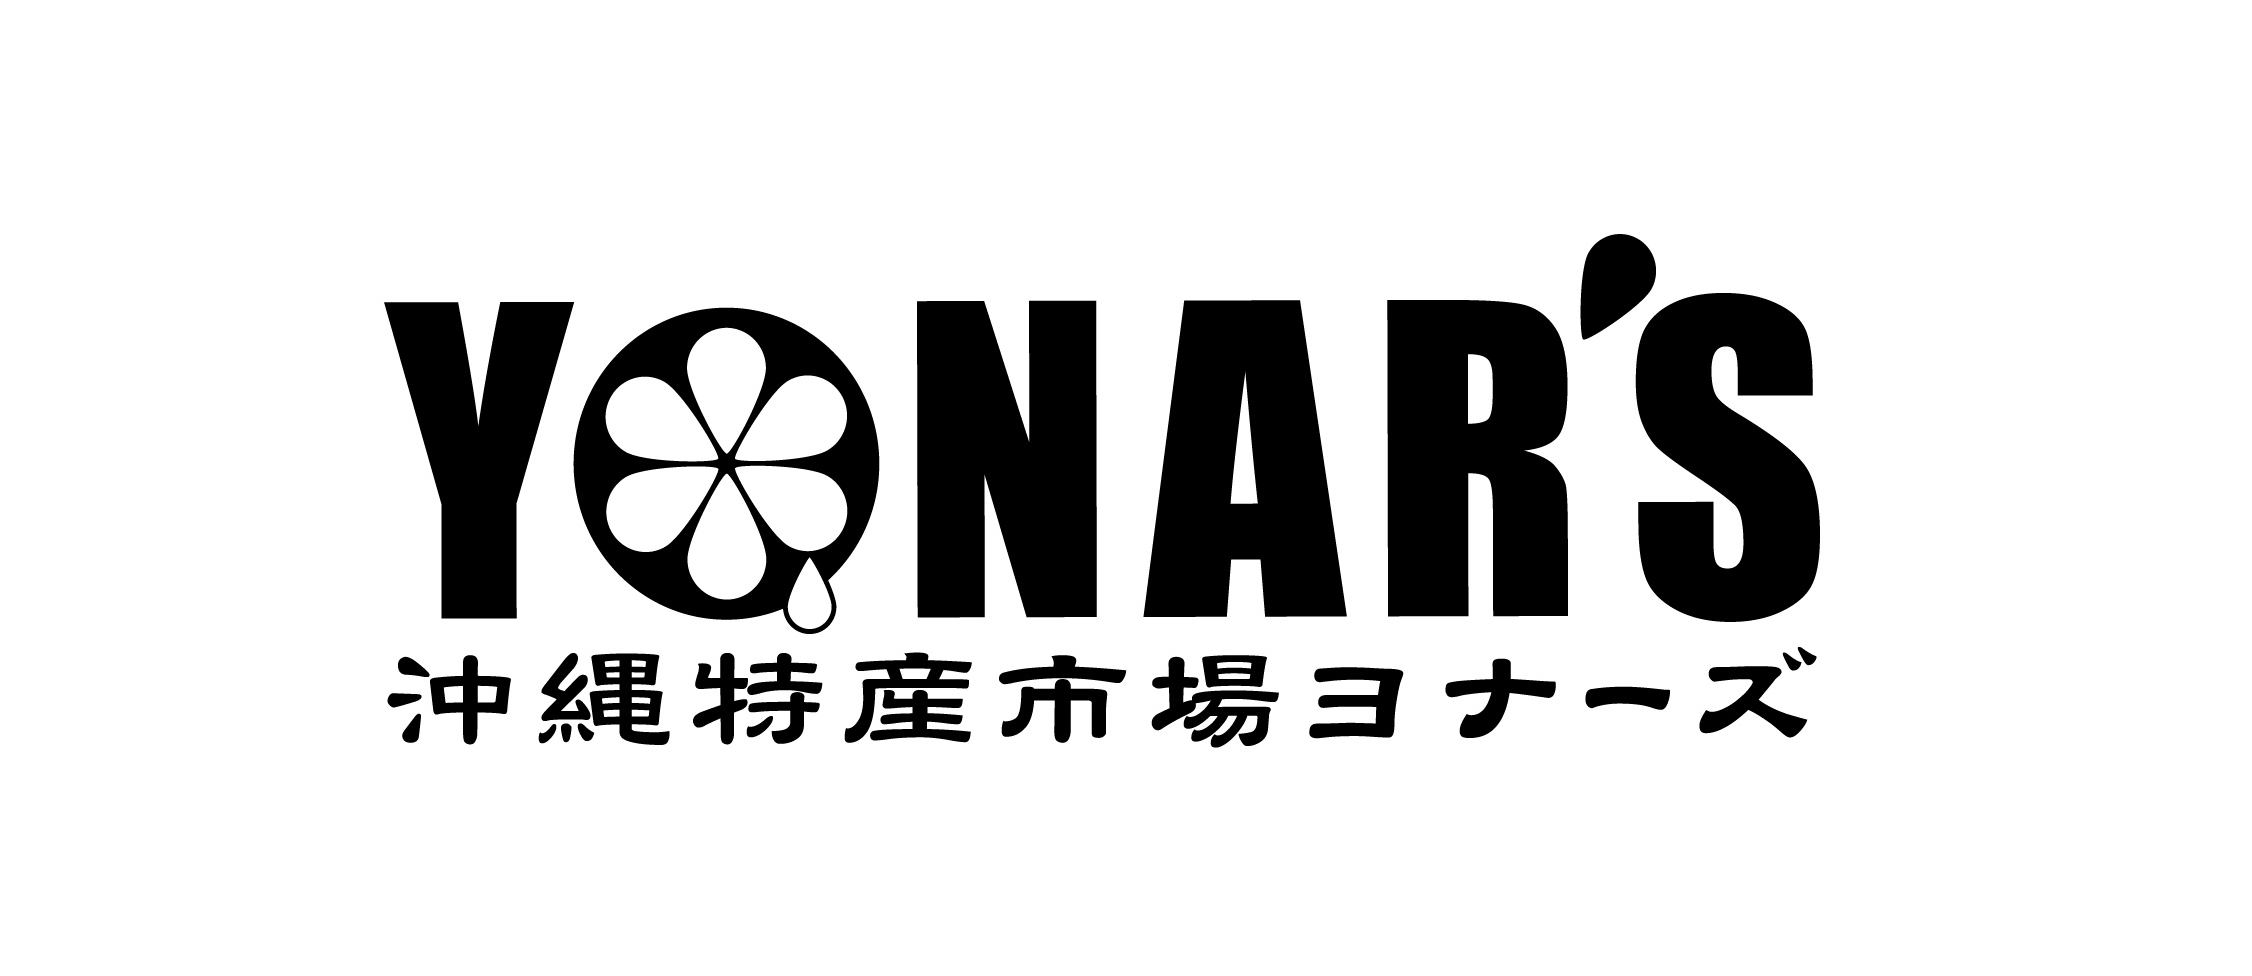 台風21号および北海道で発生した地震の影響による配送遅延について